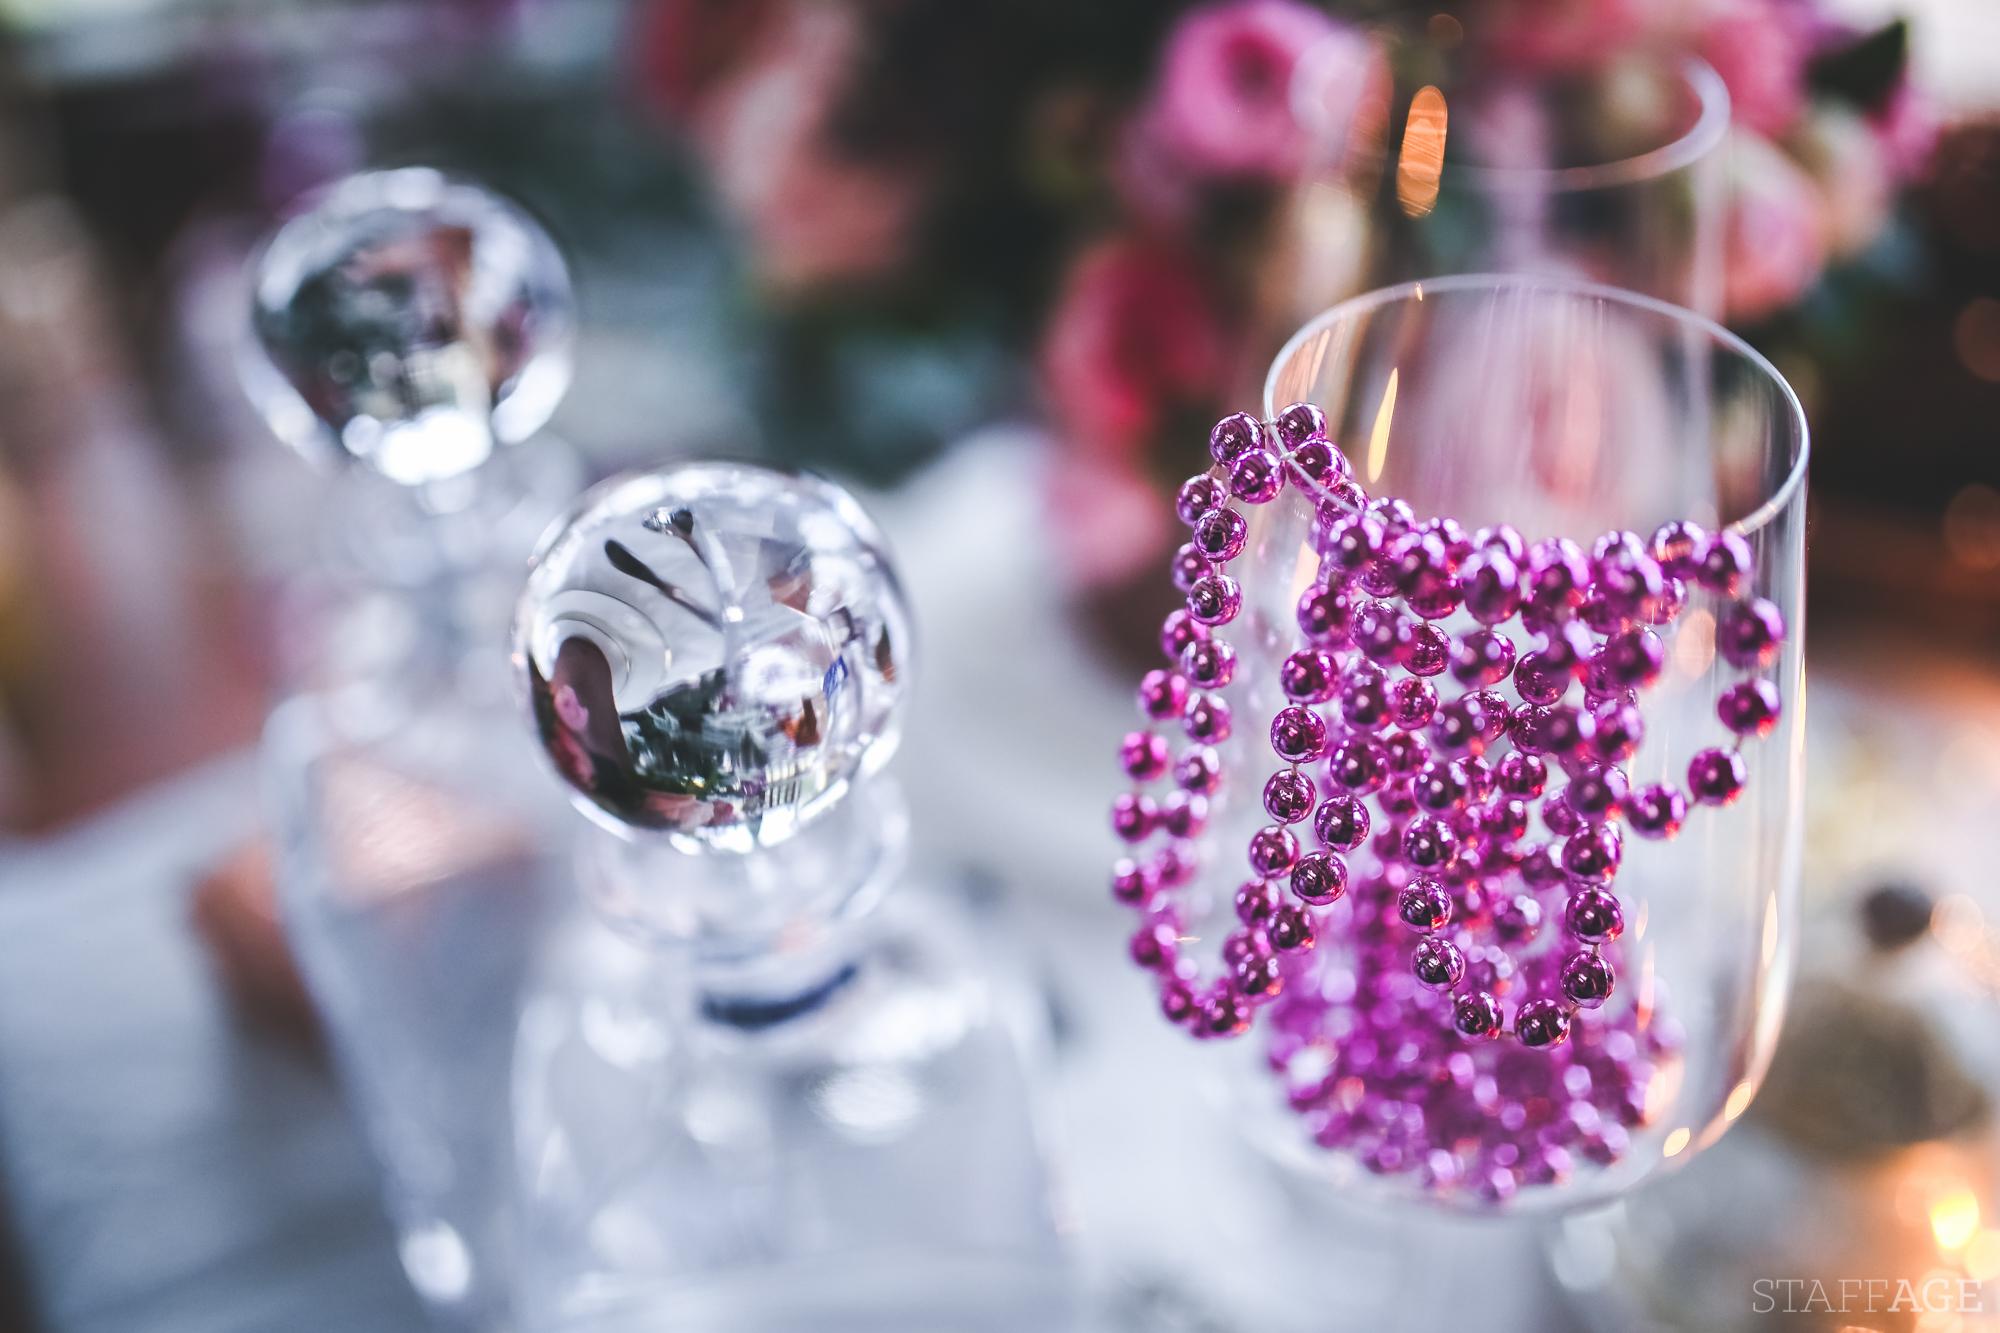 10 Staffagepl wigilijny stol pomysly na jadalnie swiateczne aranzacje chrstmas table settings ideas interior design winter flowers tableware